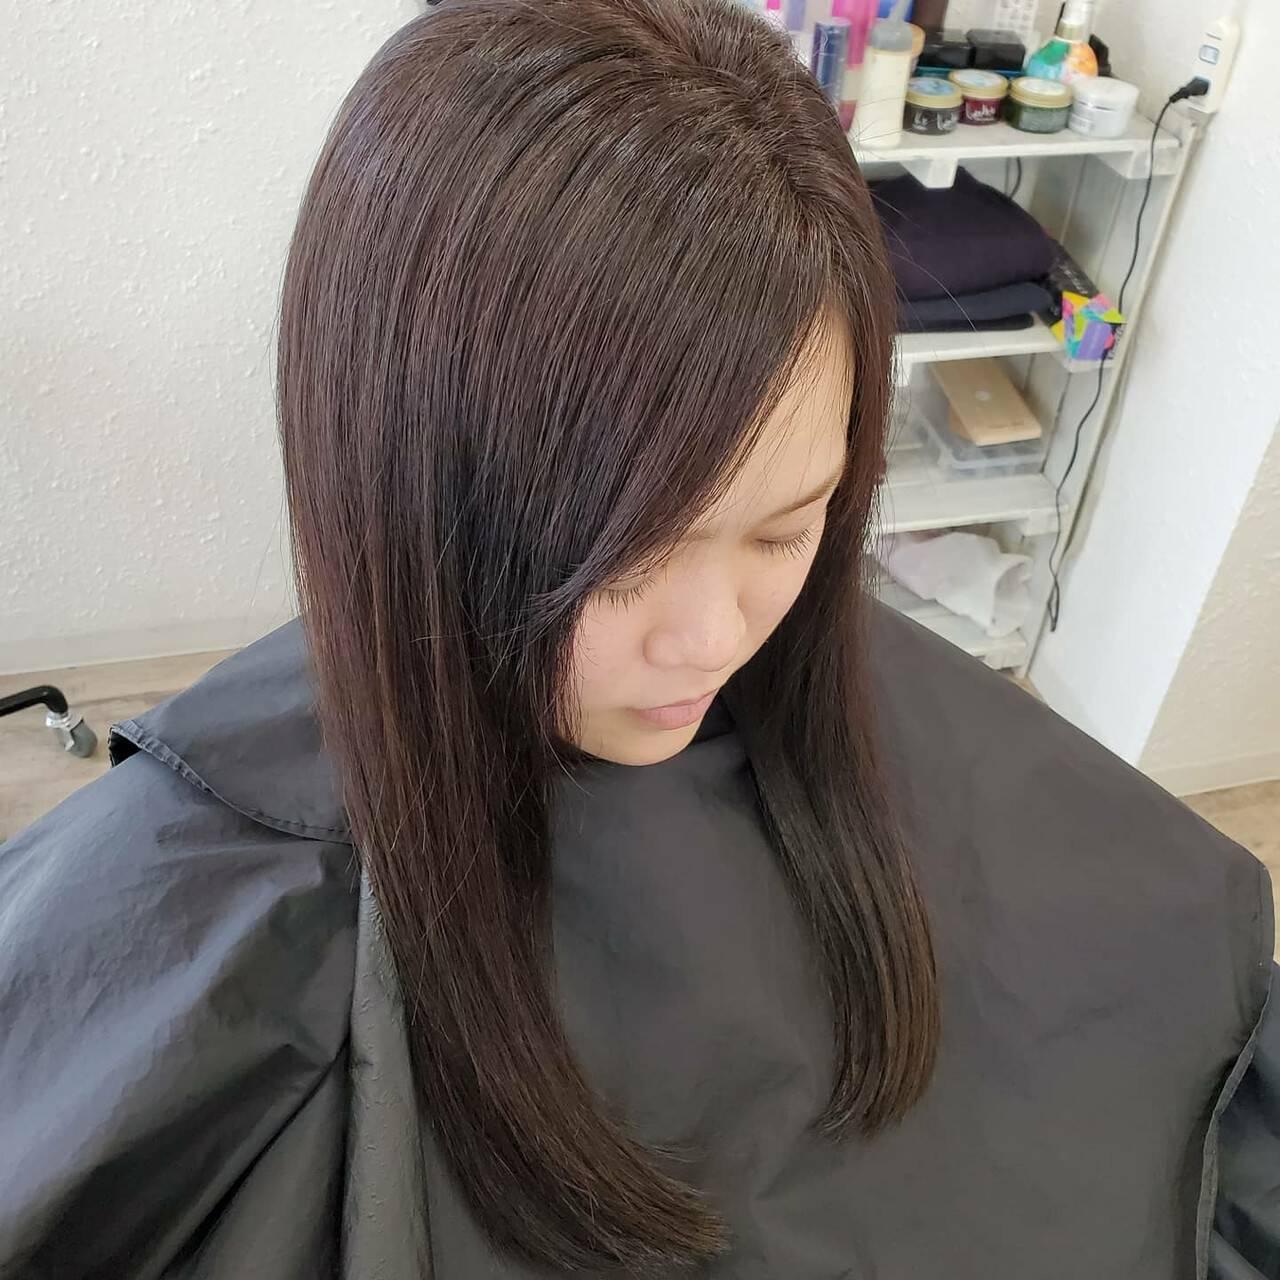 縮毛矯正ストカール 艶髪 ナチュラル ロングヘアスタイルや髪型の写真・画像